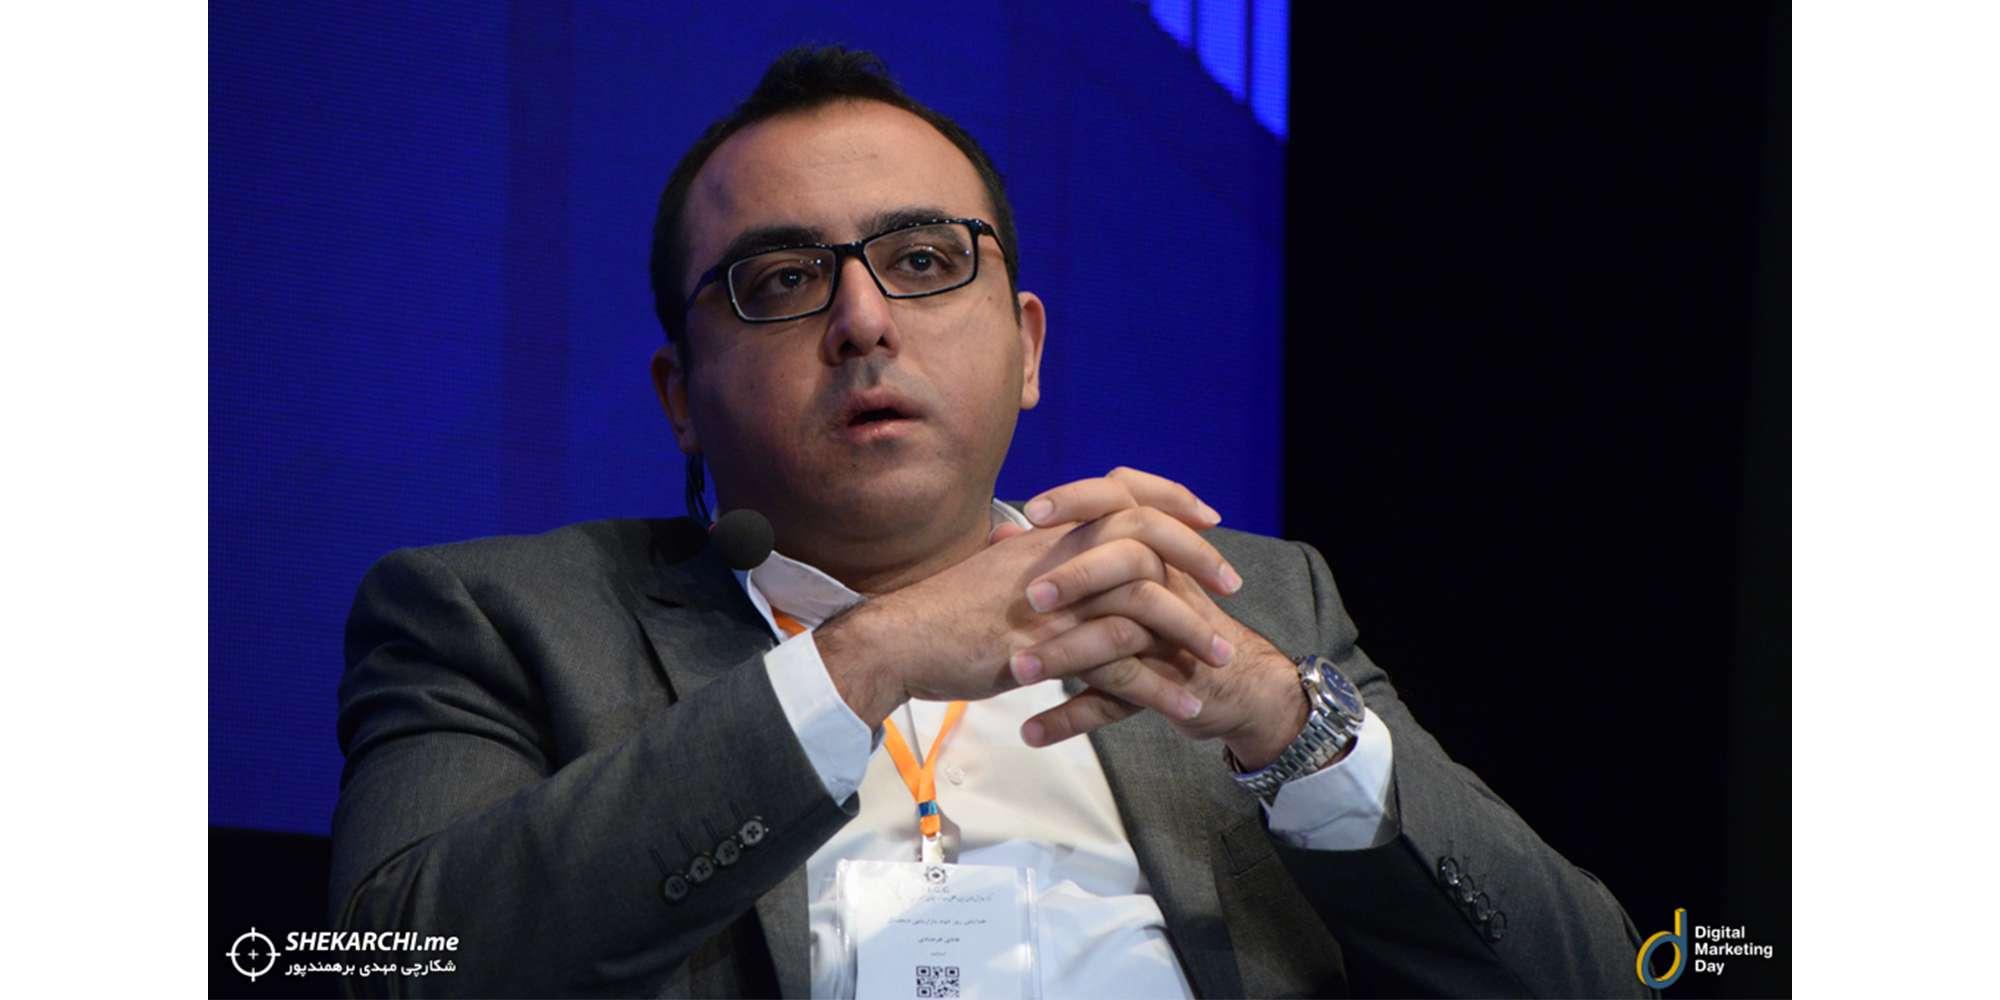 هادی فرصادی مدیر بازاریابی تپسی در پنل اتریبیوشن در رویداد بازاریابی دیجیتال بخش موبایل